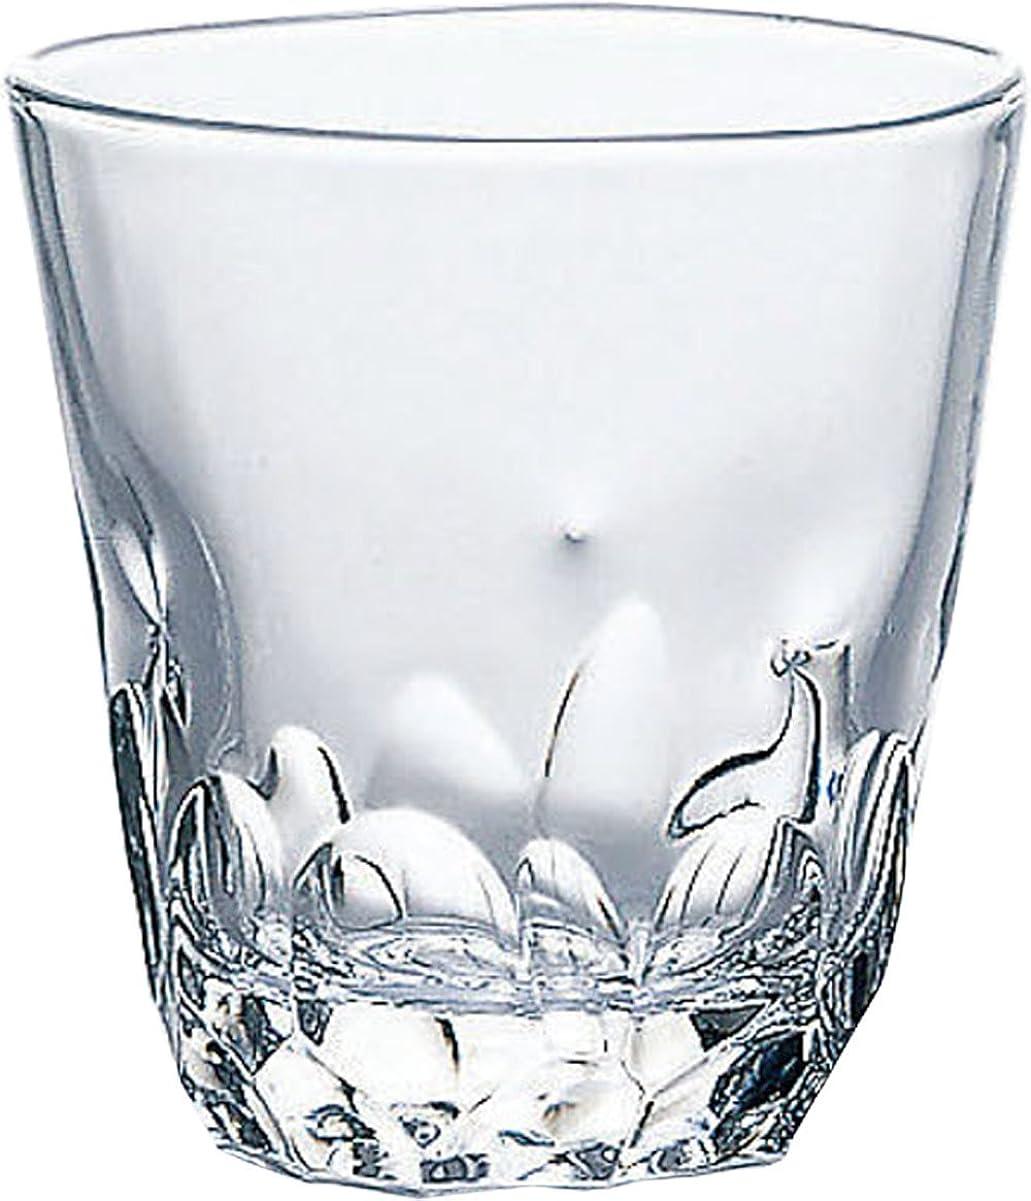 鑑定バッグ分子東洋佐々木ガラス オンザロックグラス 本格焼酎道楽 えくぼ 310ml 日本製 食洗機対応 P-33103HS-JAN